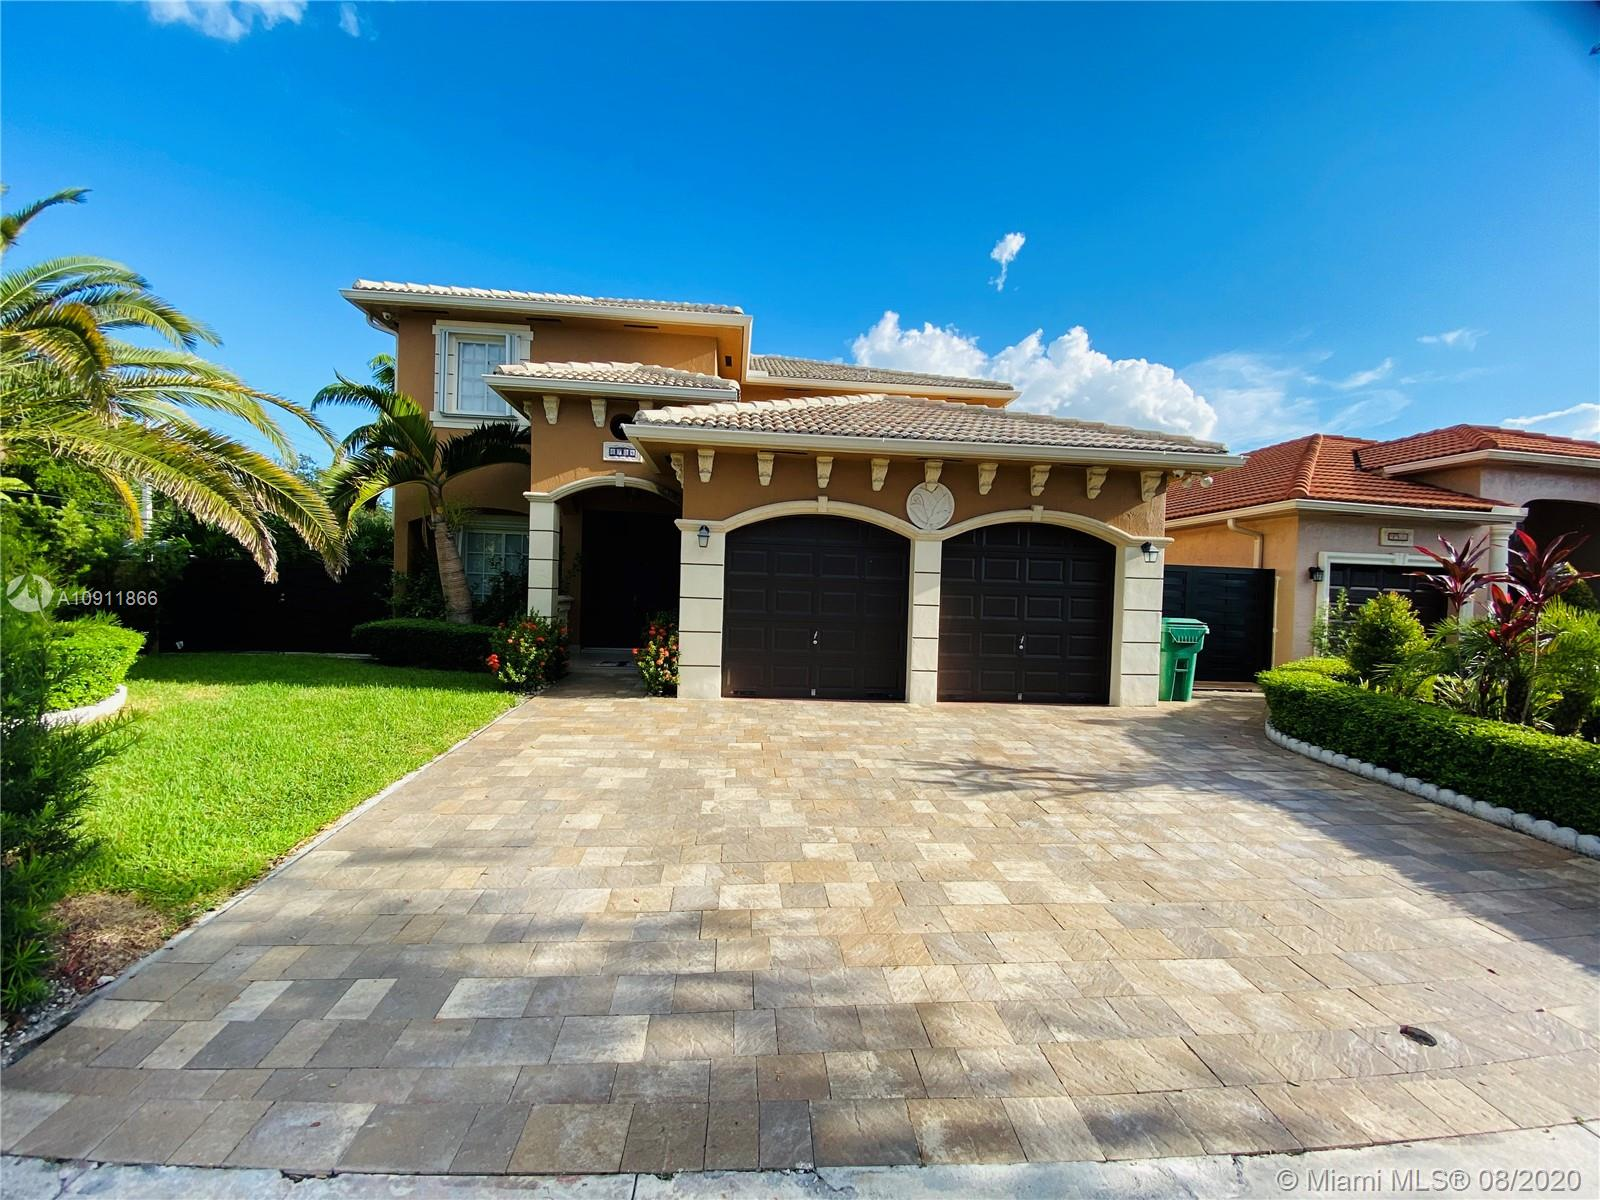 8704 NW 147th Ln, Miami Lakes, Florida 33018